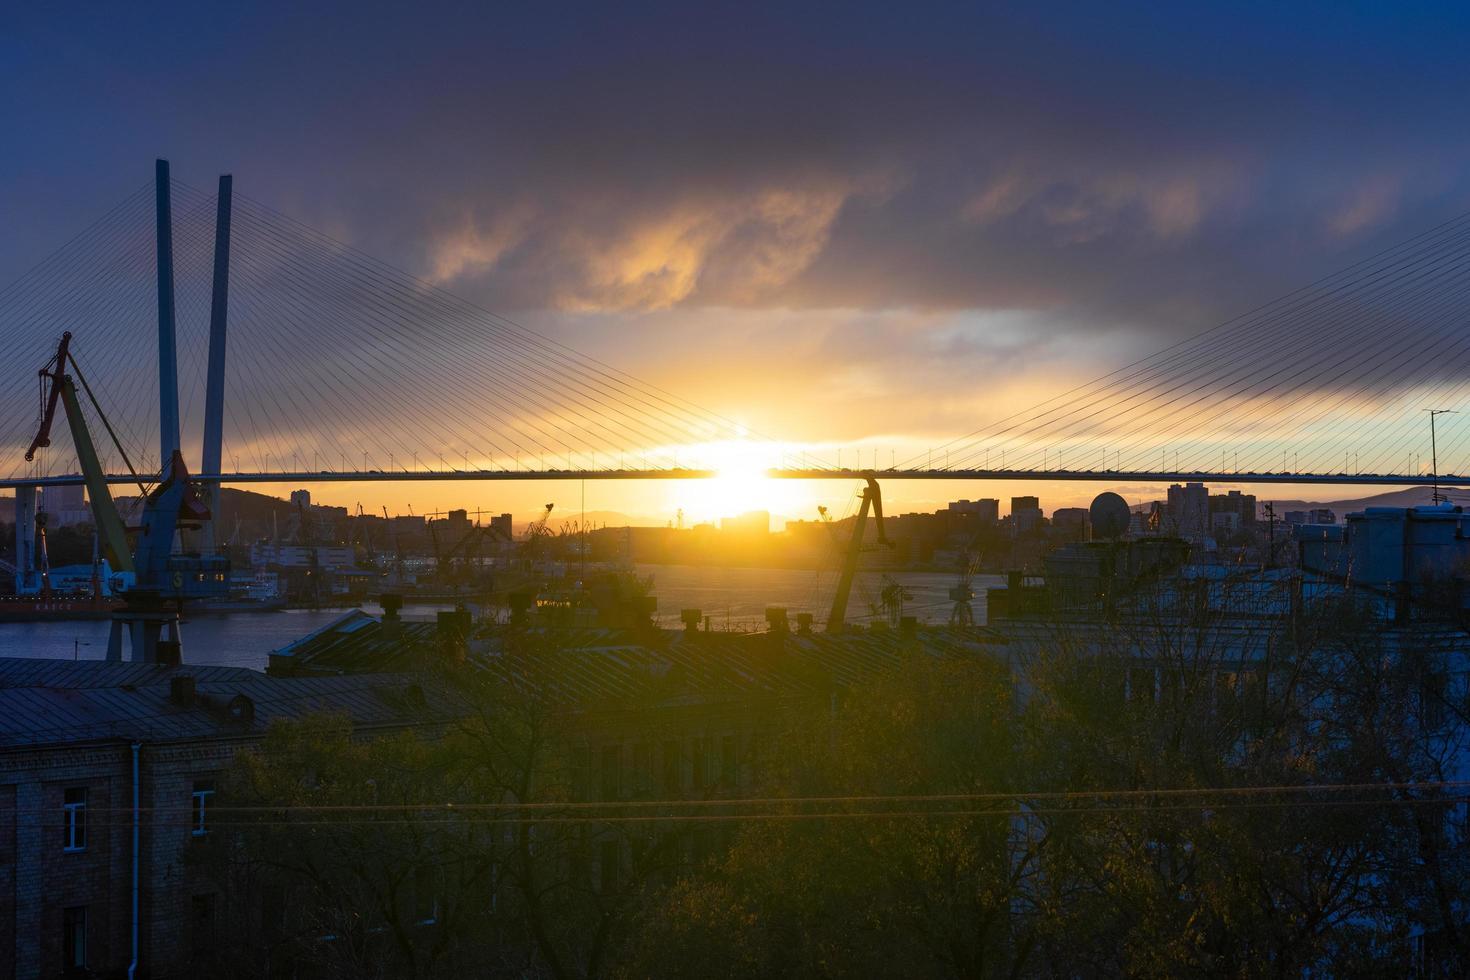 die Skyline der Stadt im Sonnenuntergangslicht. foto